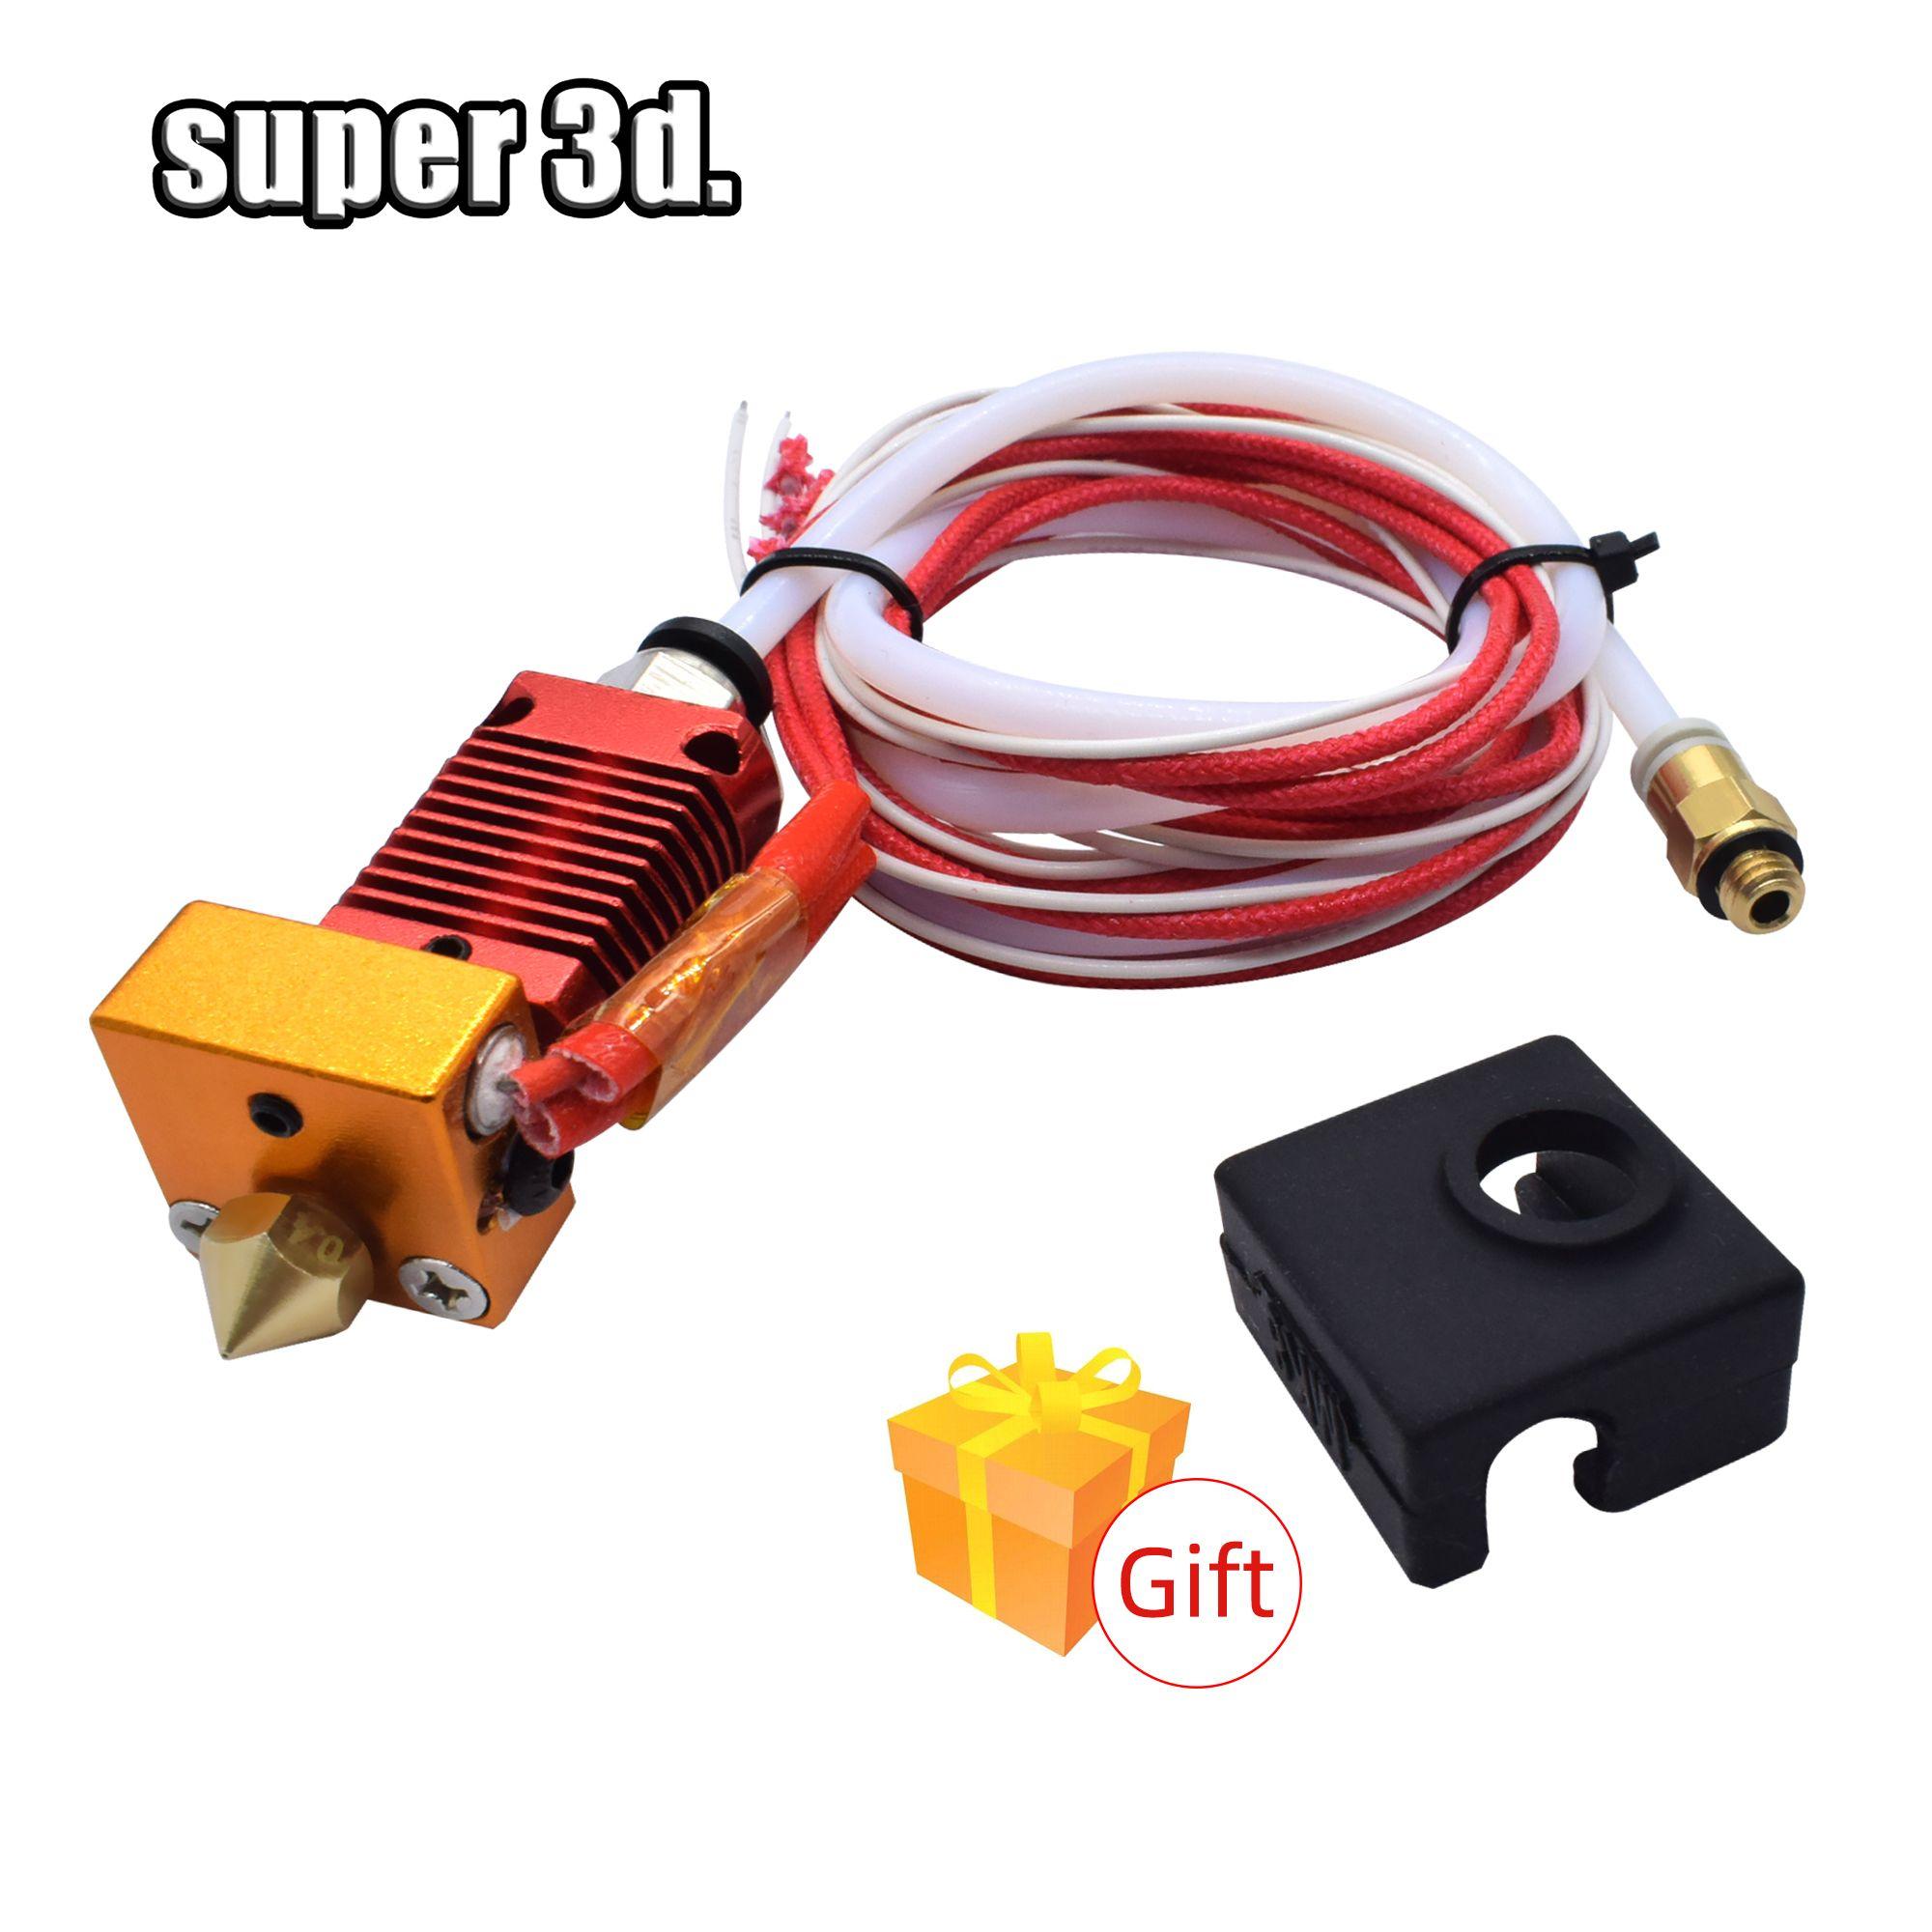 Kit d'extrémité chaude de Kit d'extrudeuse de Hotend du métal 3D j-head CR10 pour des pièces d'imprimante 3D de l'extrudeuse 12/24V 40W de Bowden de Ender-3 CR10 10s